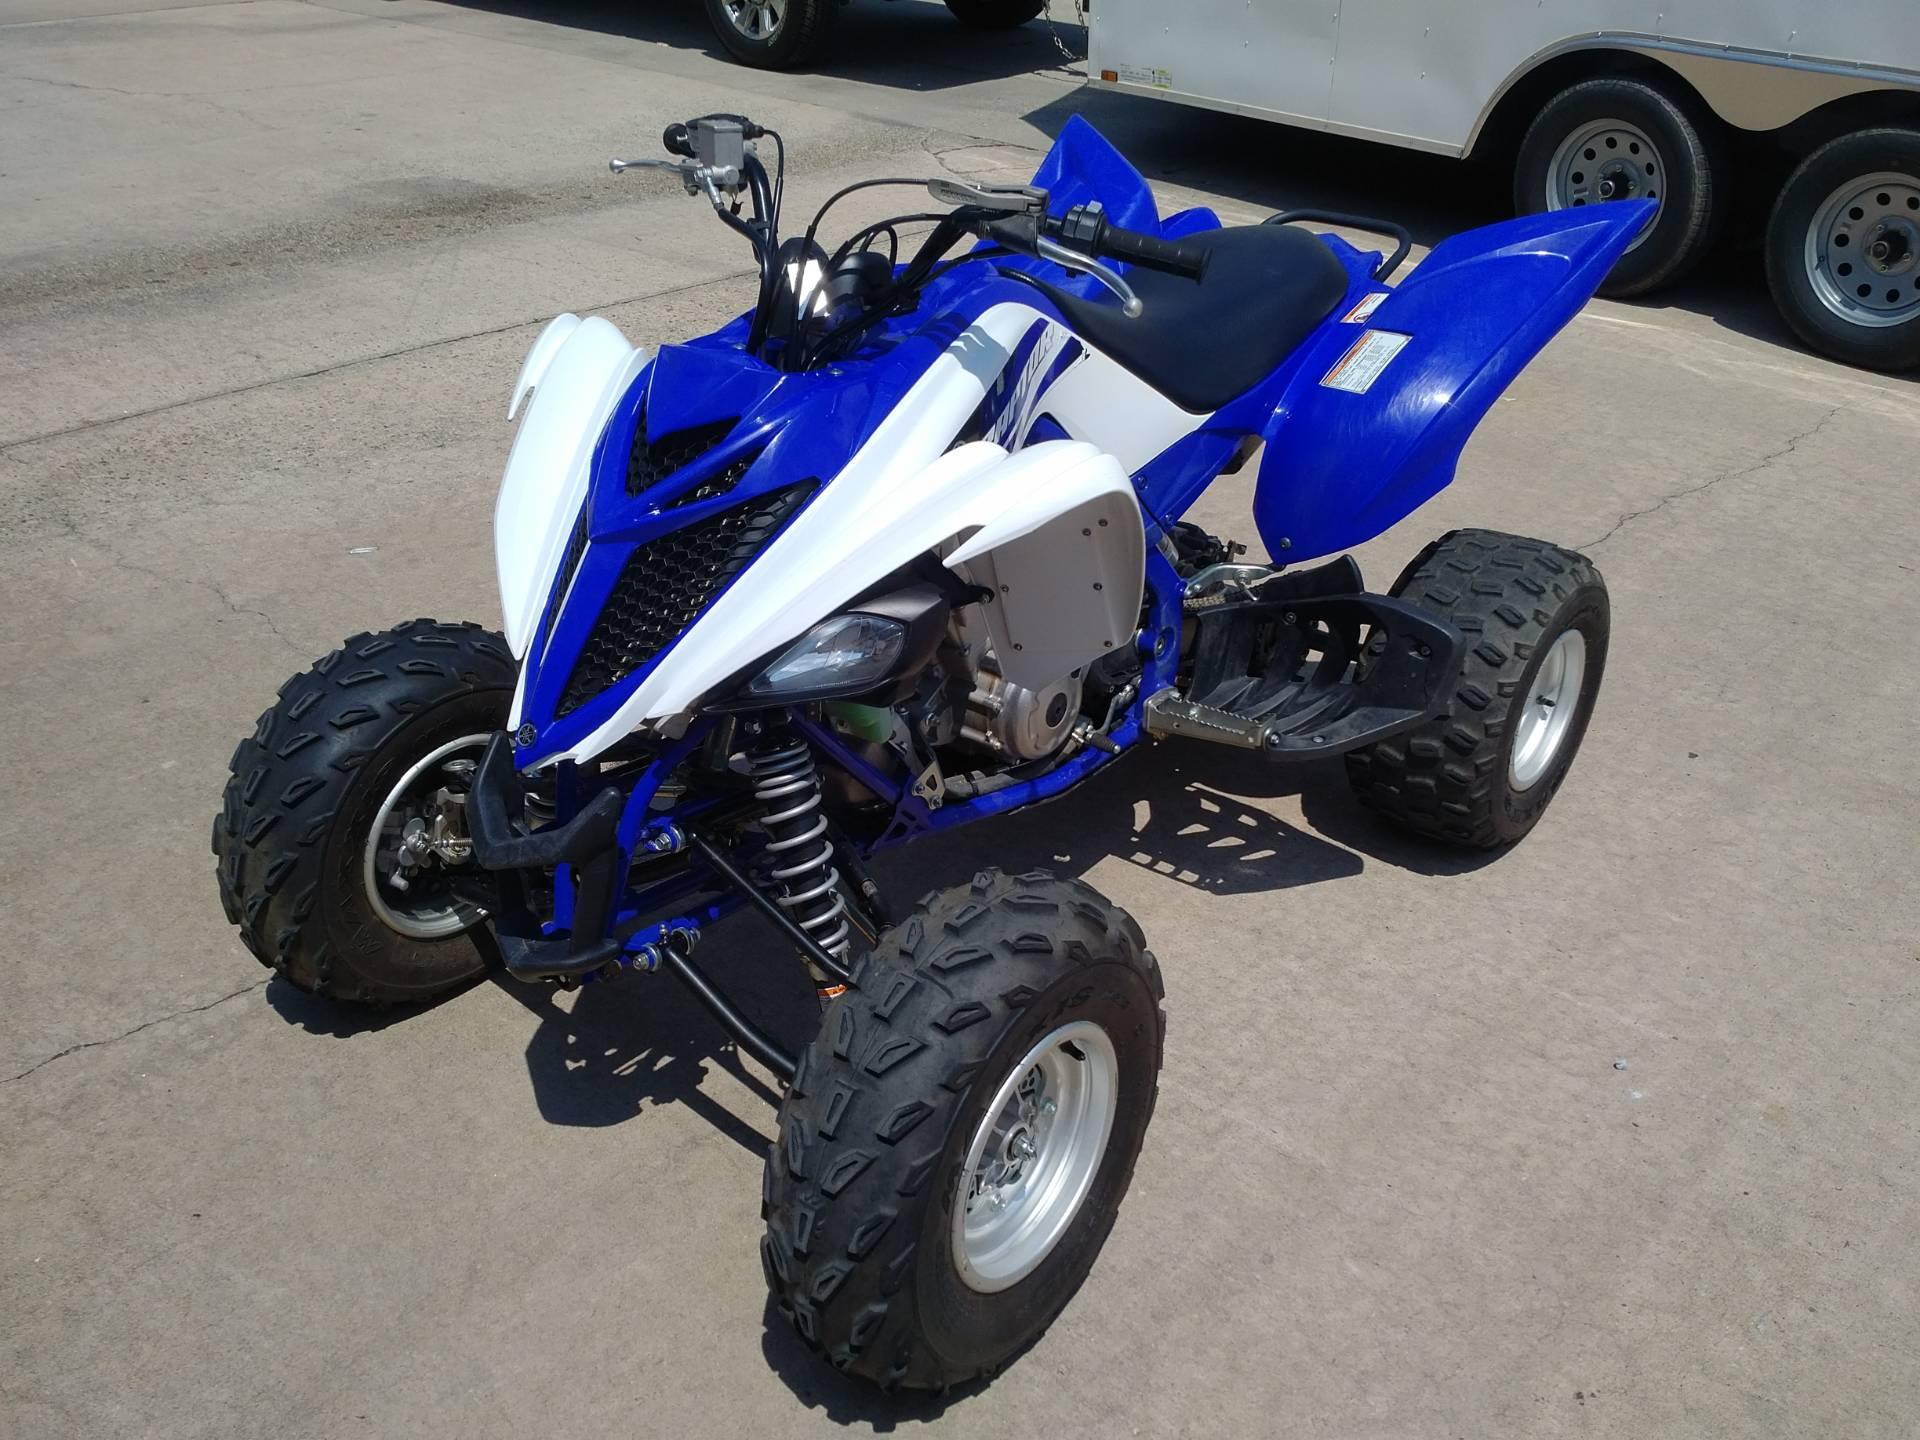 2015 Yamaha Raptor 700 1